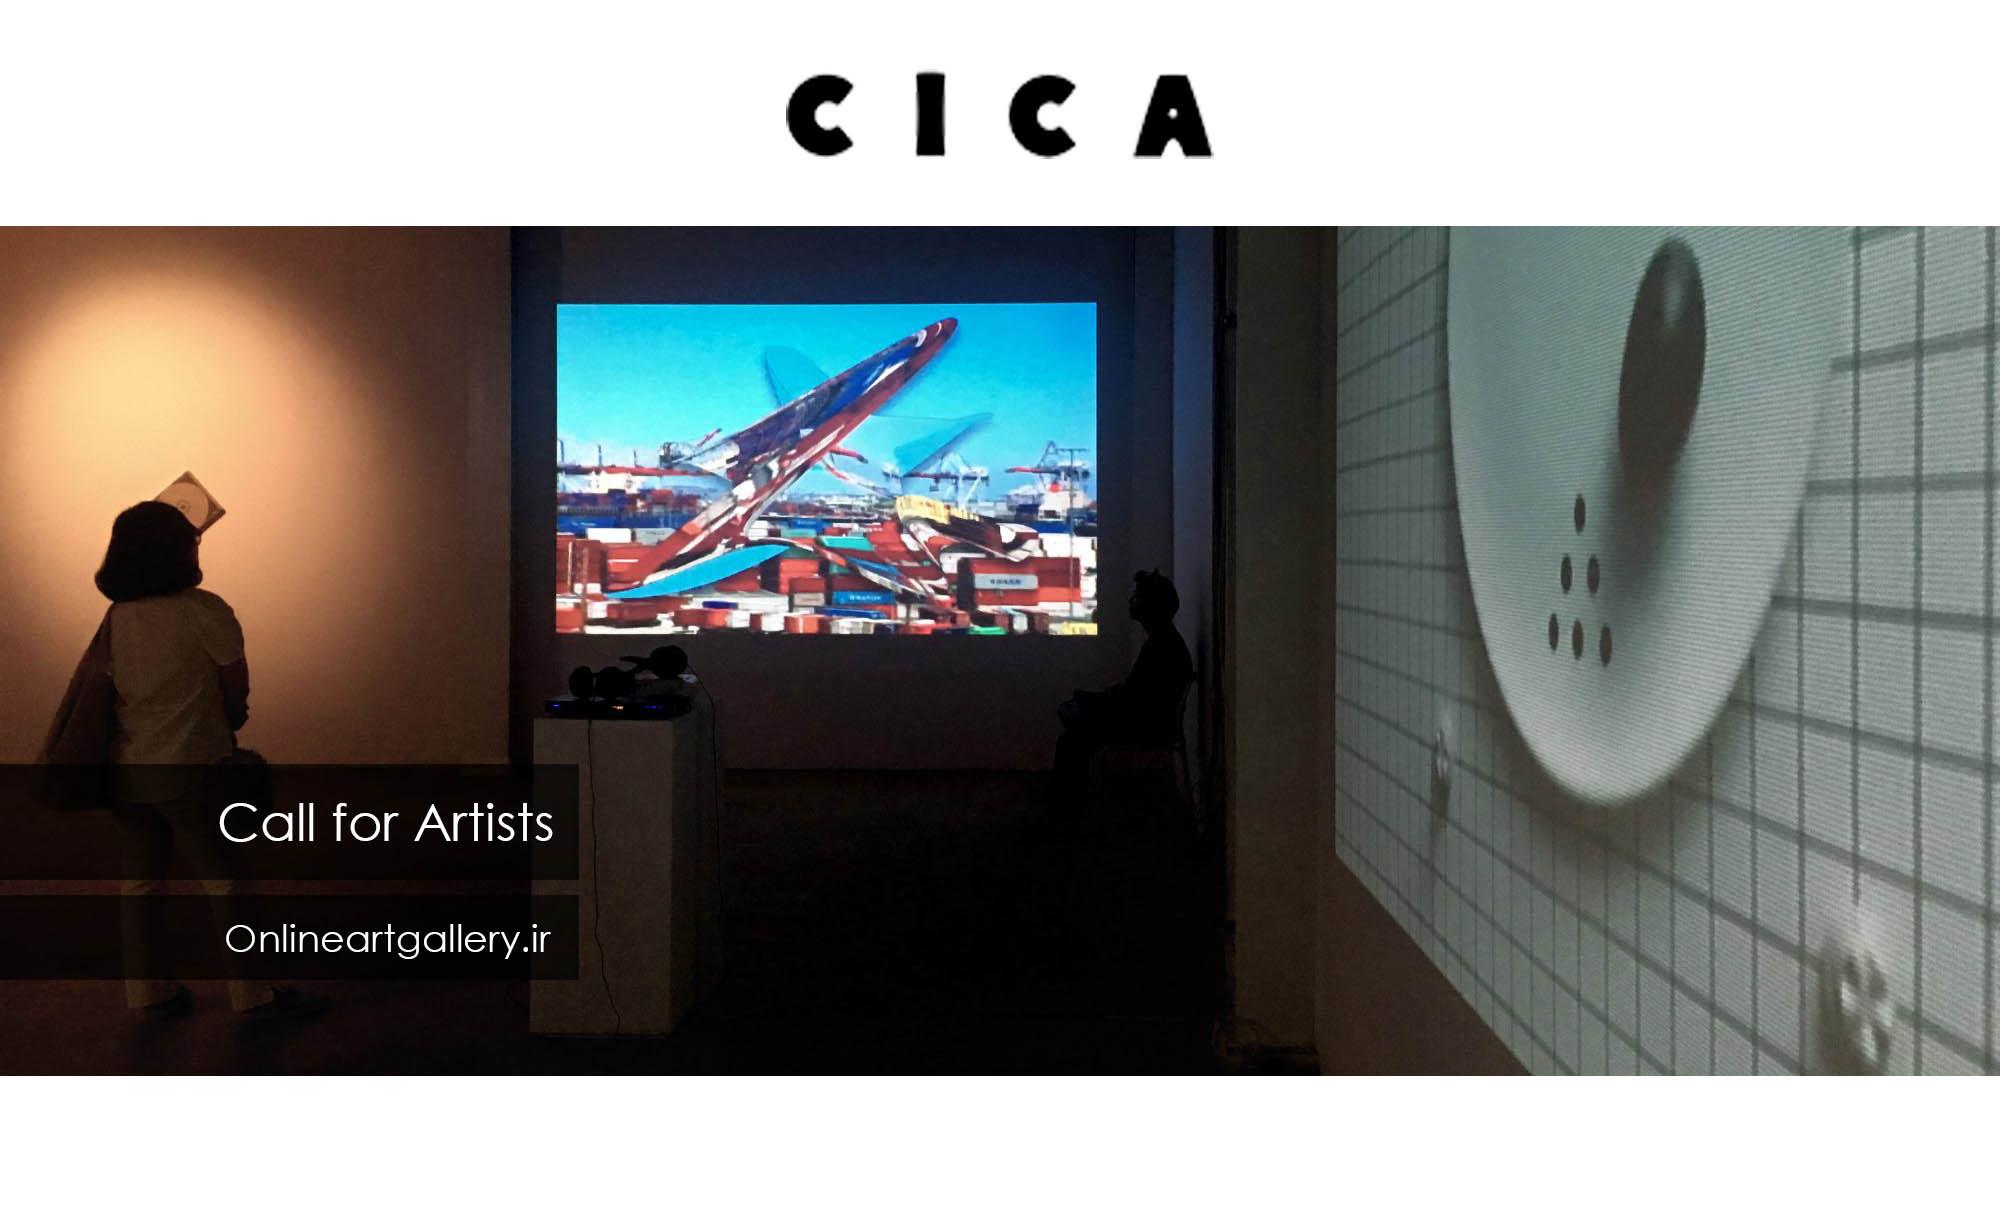 فراخوان رقابت هنرهای تجسمی موزه CICA